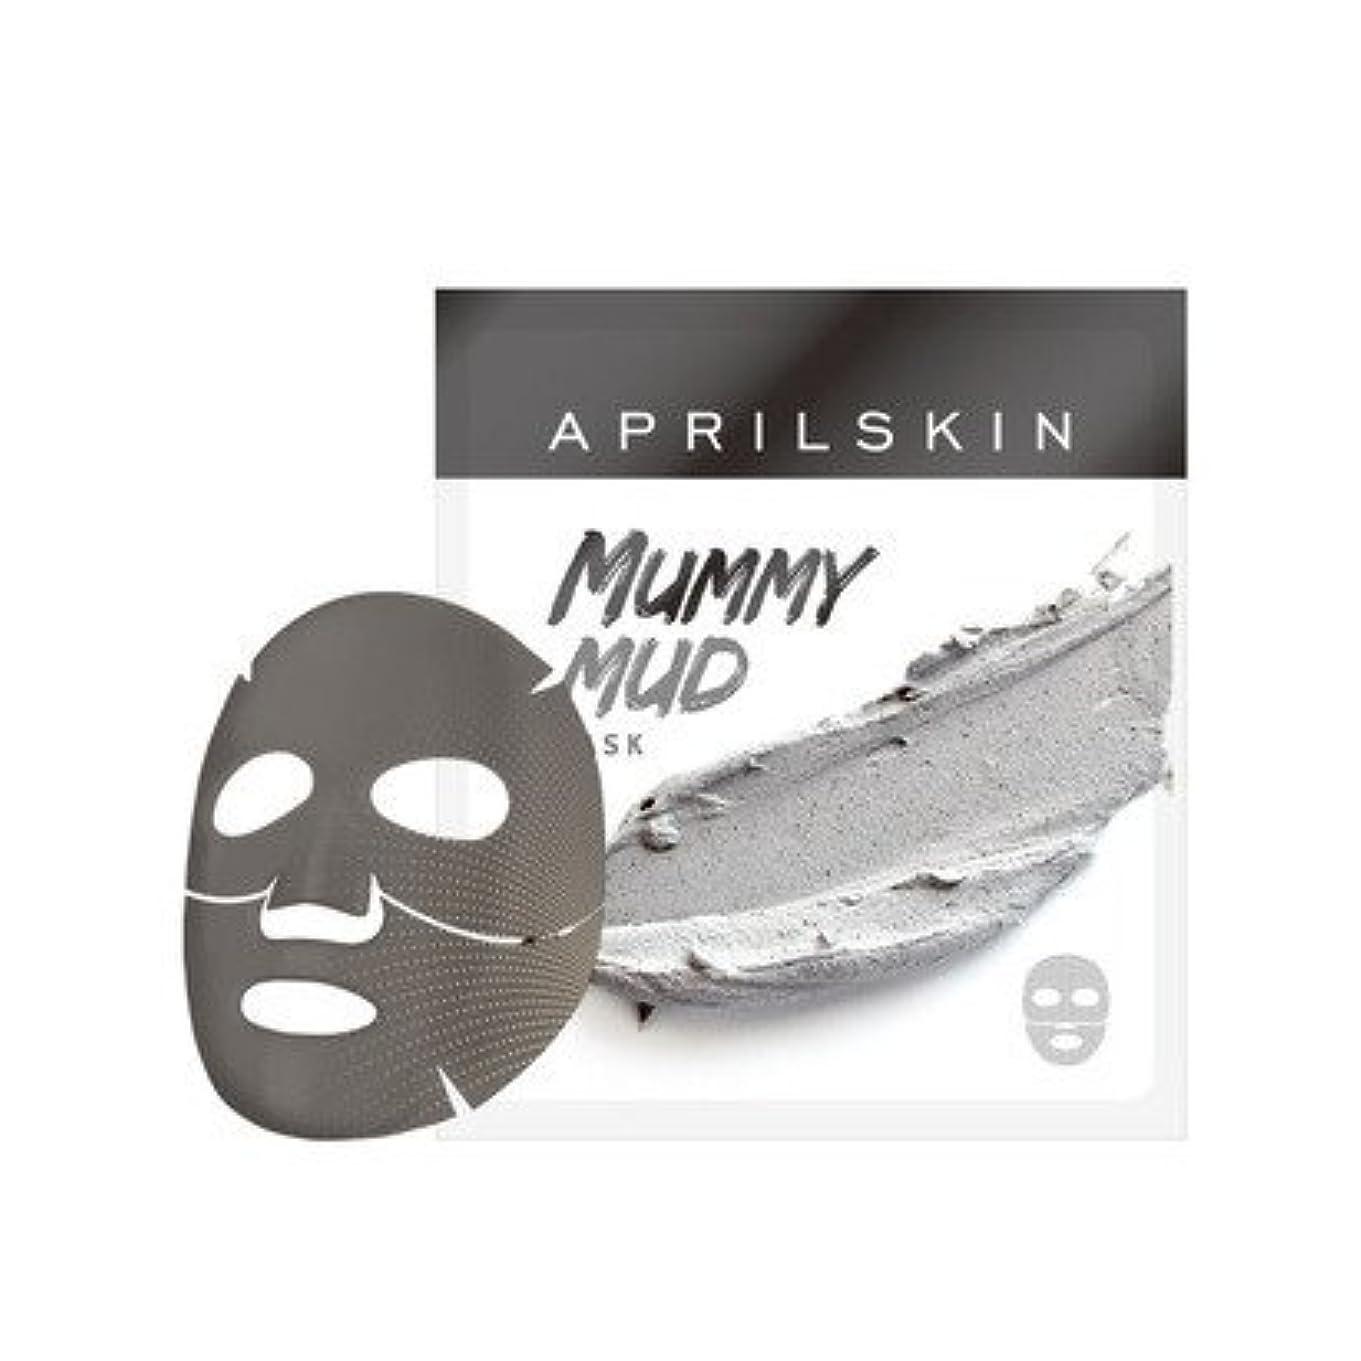 同様の青外部APRILSKIN MUMMY MUD MASK/エイプリルスキン ミイラ泥マスク 1枚 [並行輸入品]